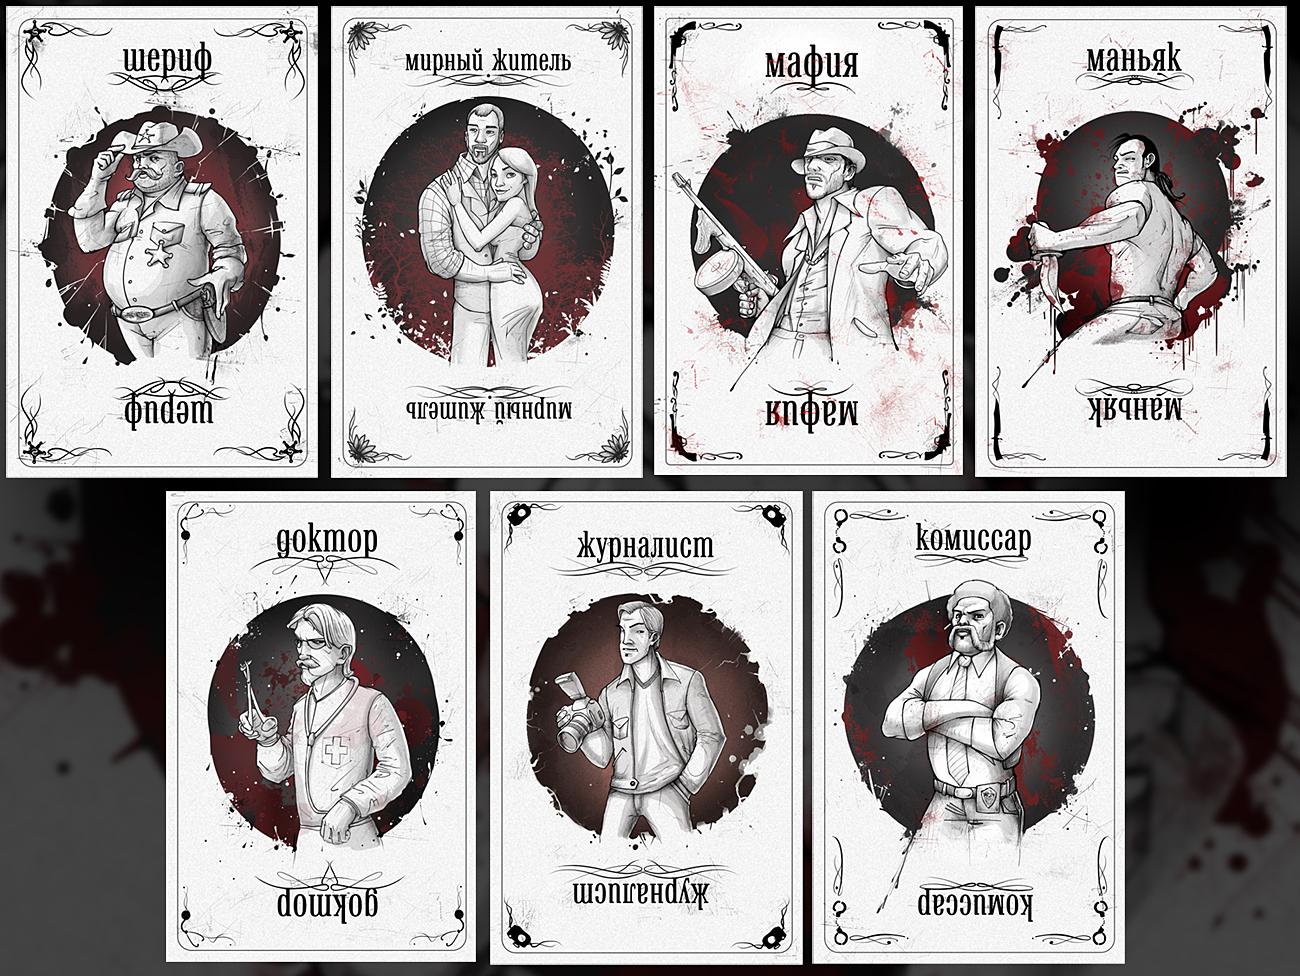 Игра мафия играть бесплатно с картами играть онлайн дро покер